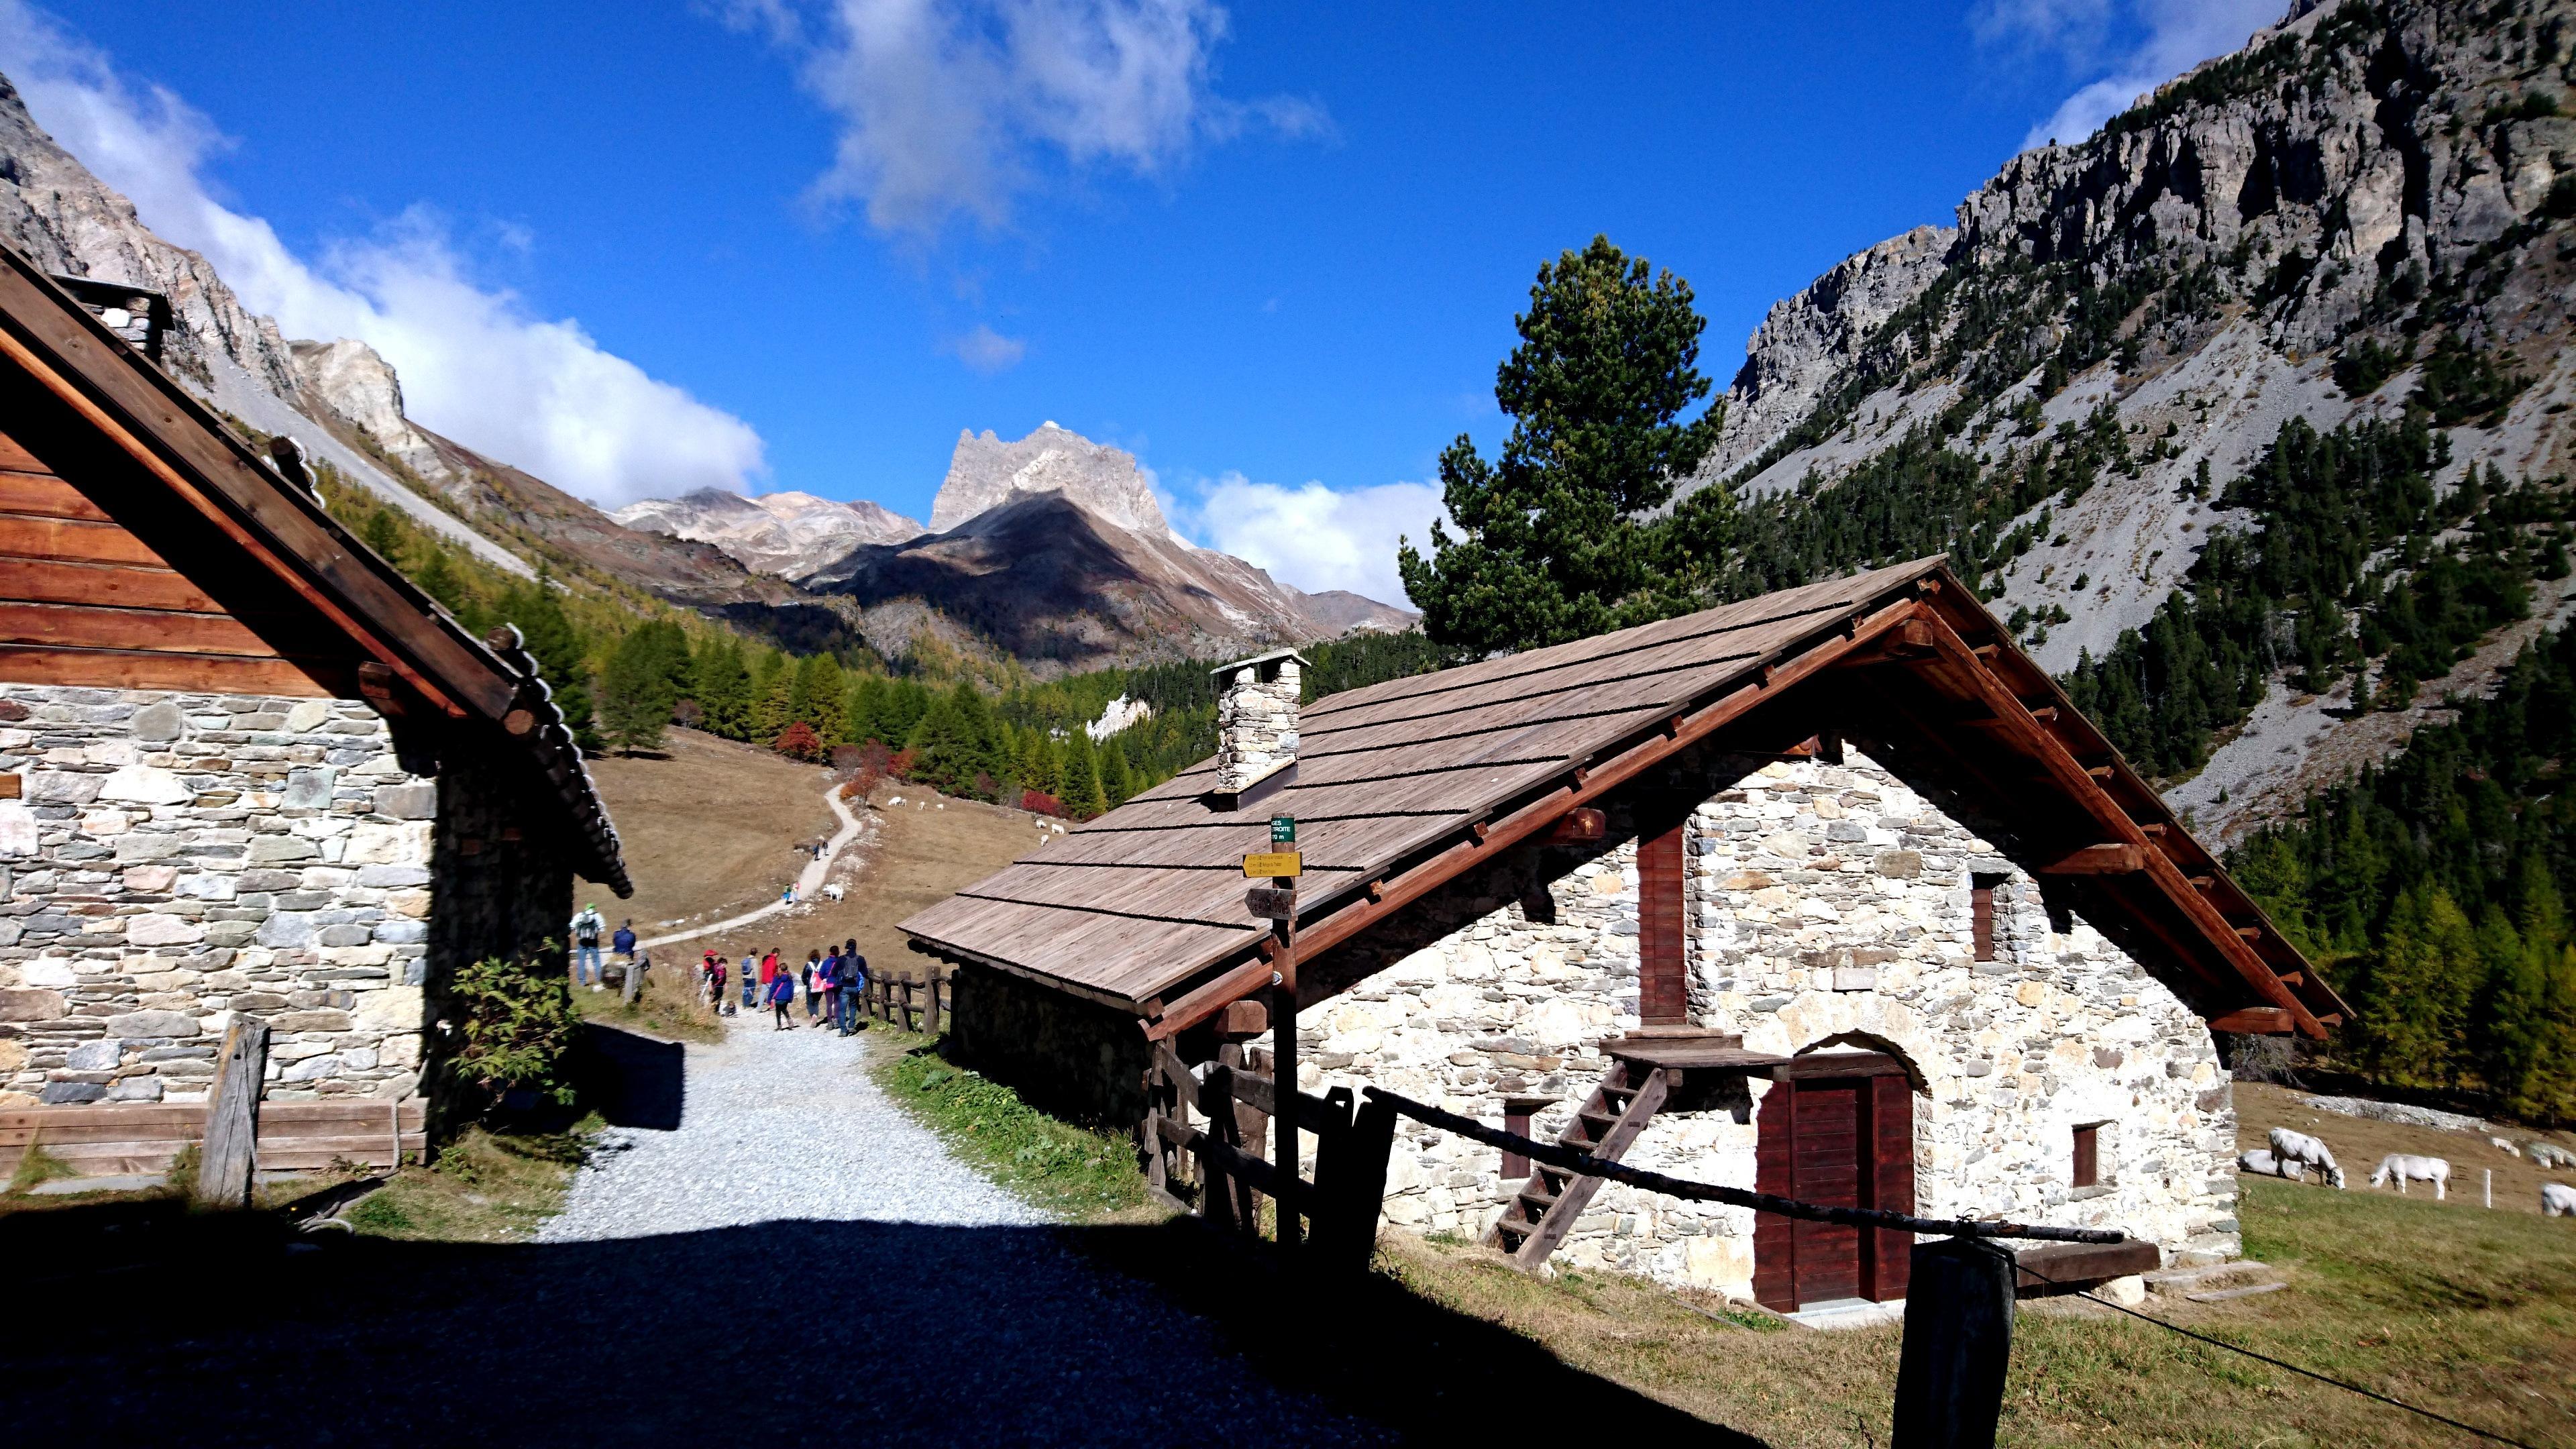 Ci addentriamo in valle Stretta e andremo a fare due passi fino al lago Verde, breve passeggiata per gustare gli scorci di questa splendida valle